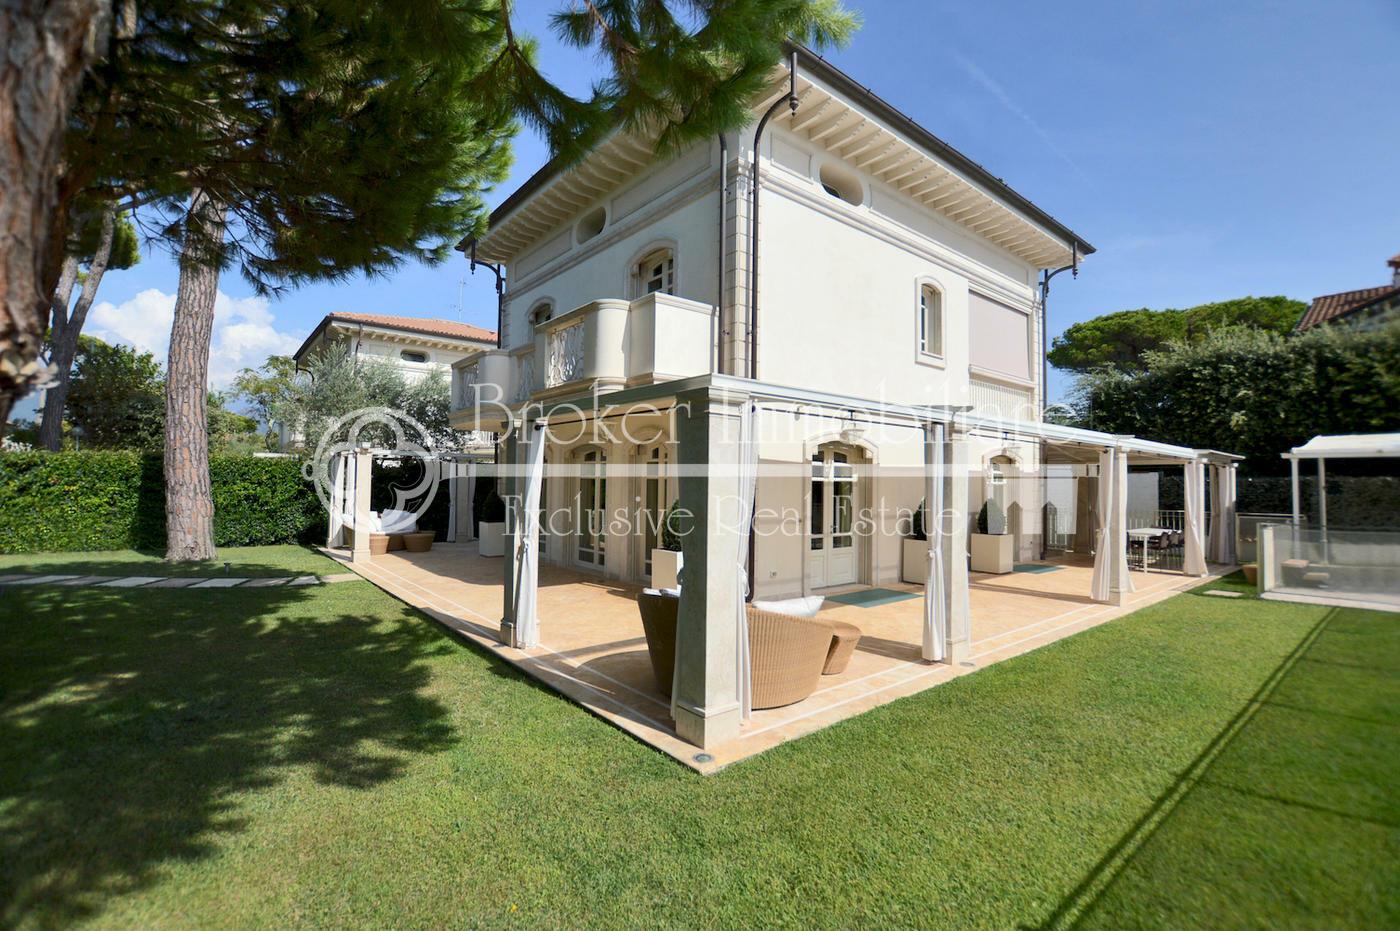 Villa di lusso in vendita a Forte dei Marmi, a pochi passi dal centro e dal mare